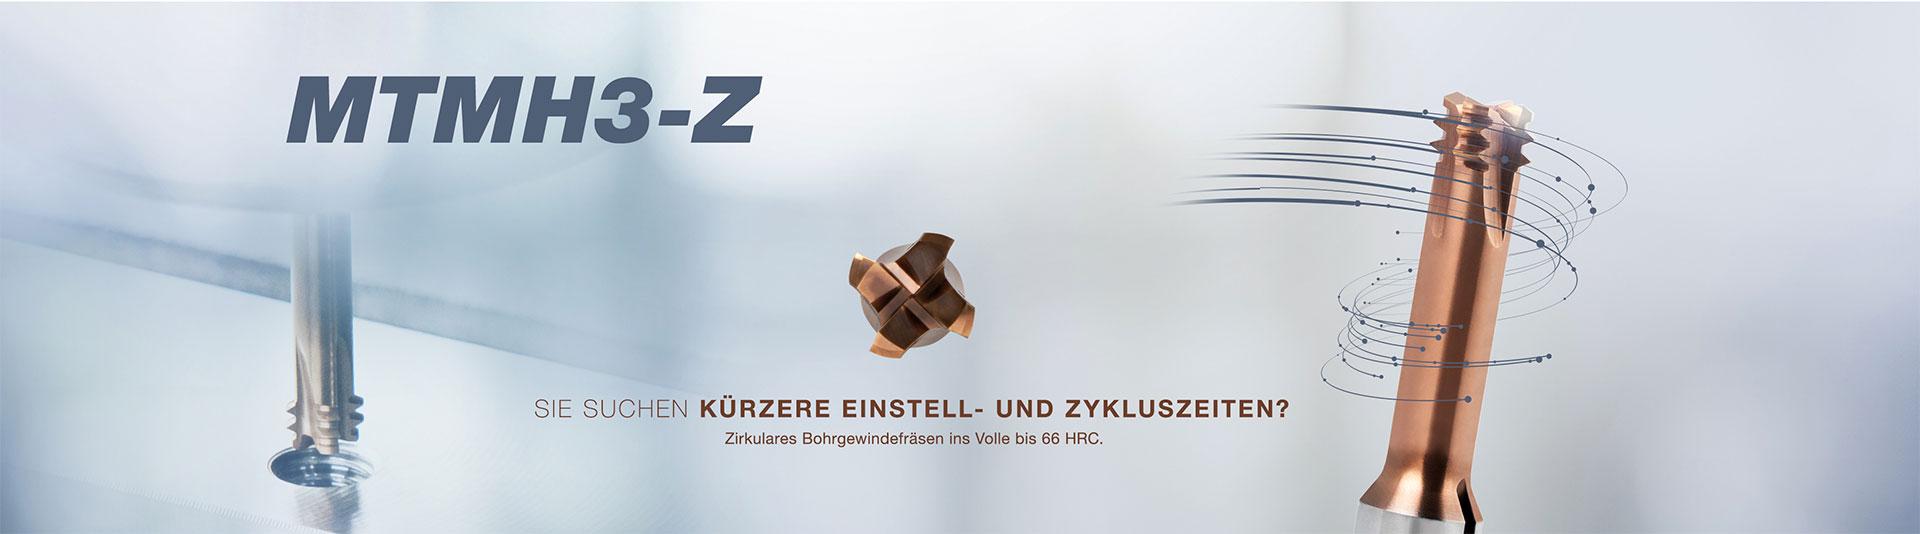 GÜHRING MTMH3-Z